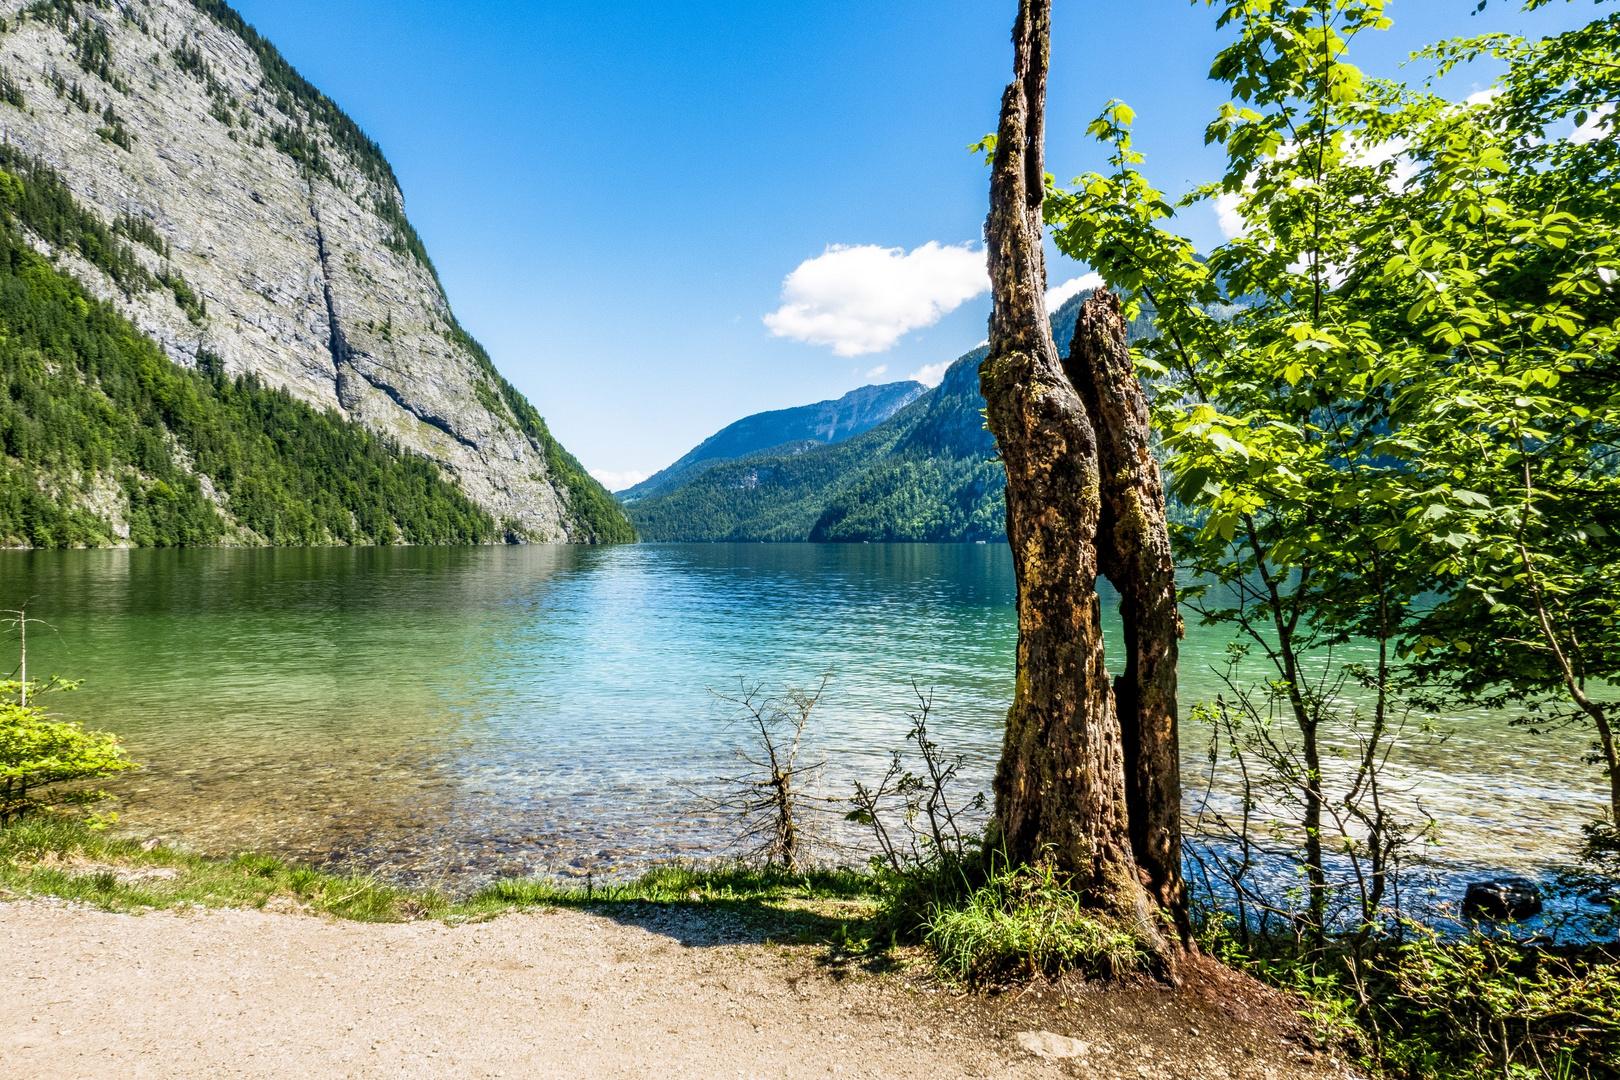 Königssee Foto & Bild | natur, see, landschaft Bilder auf ...